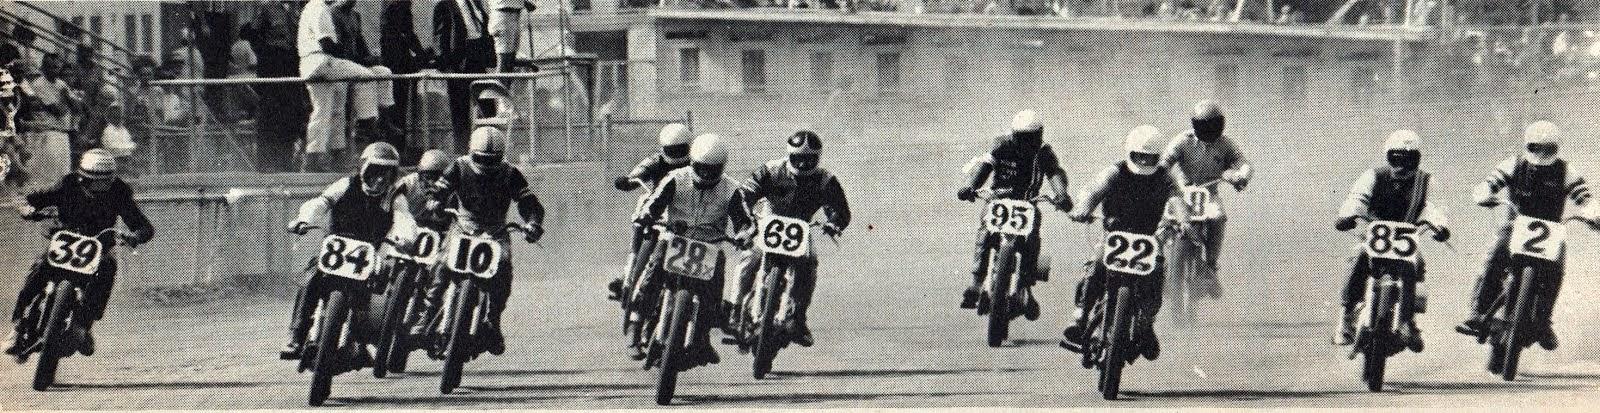 Sacto Mile 1967